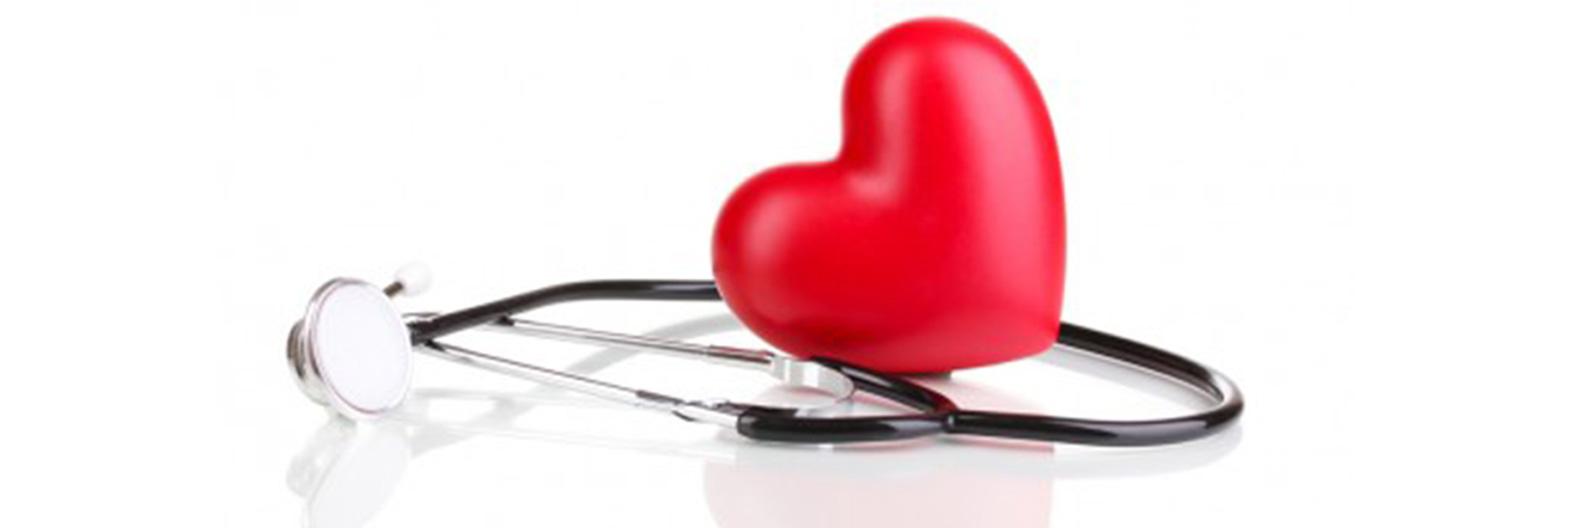 raudona hipertenzija uogų nauda sveikatai